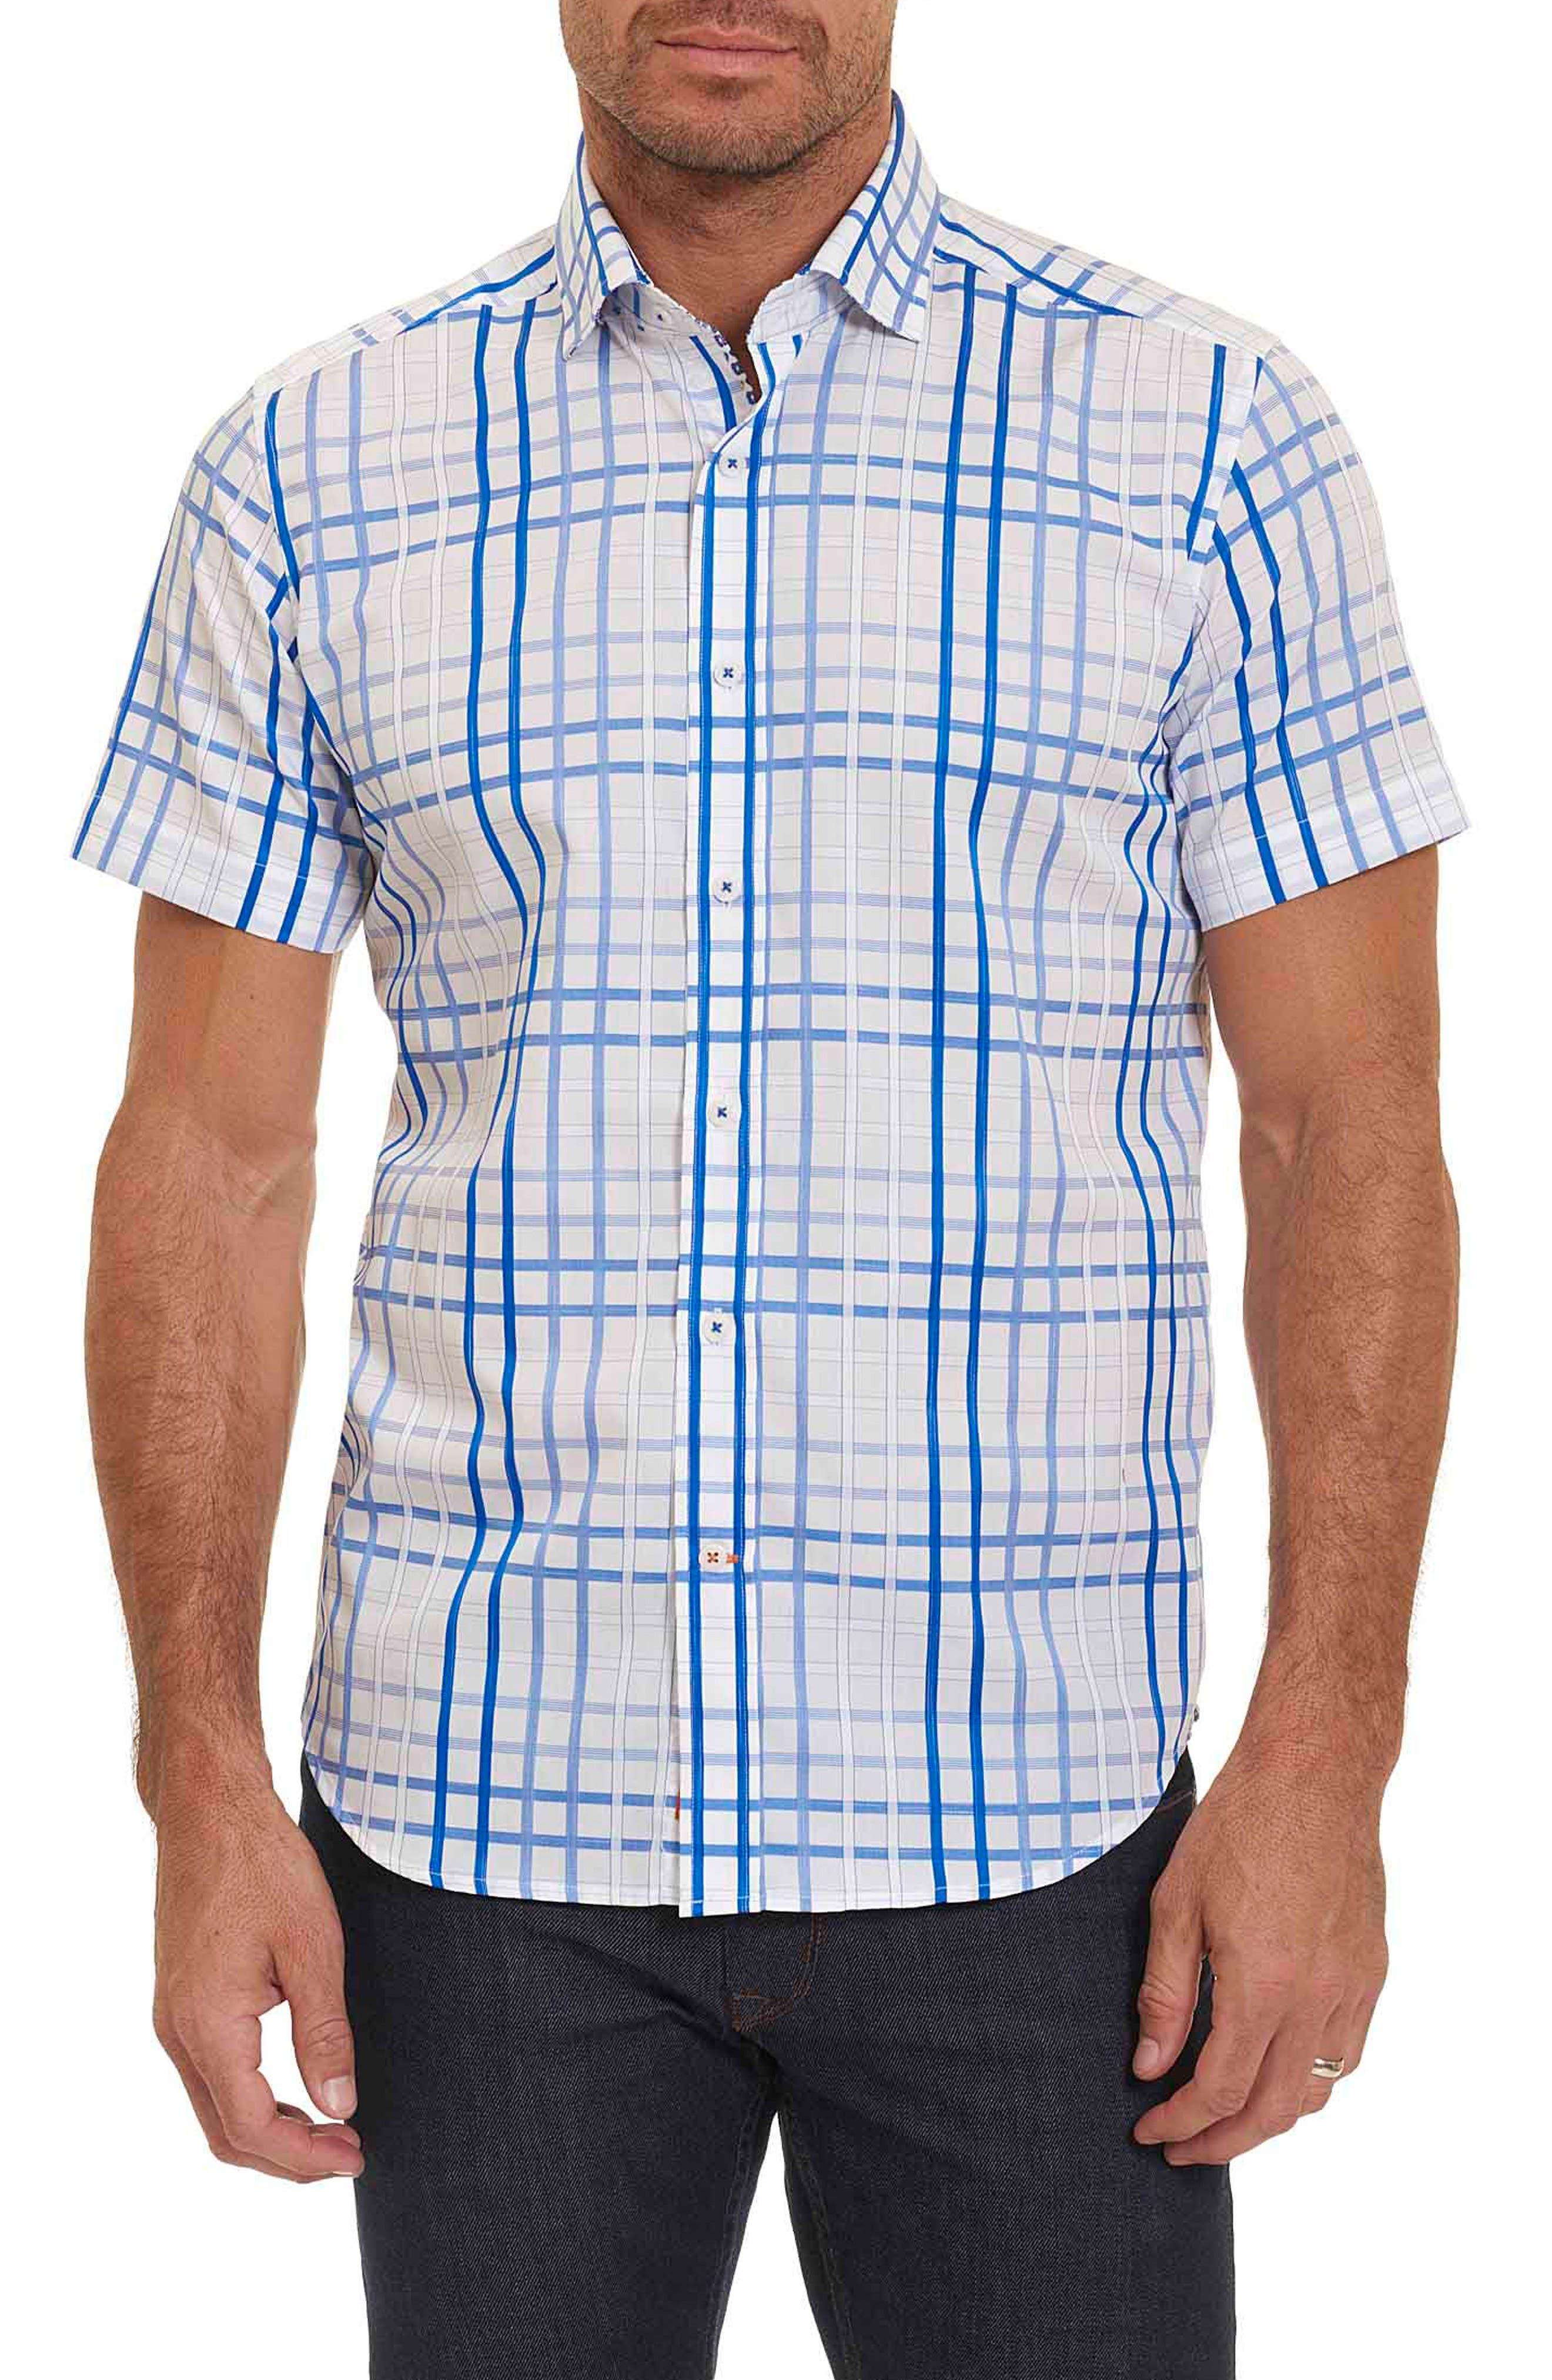 Main Image - Robert Graham Dax Tailored Fit Check Short Sleeve Linen Sport Shirt